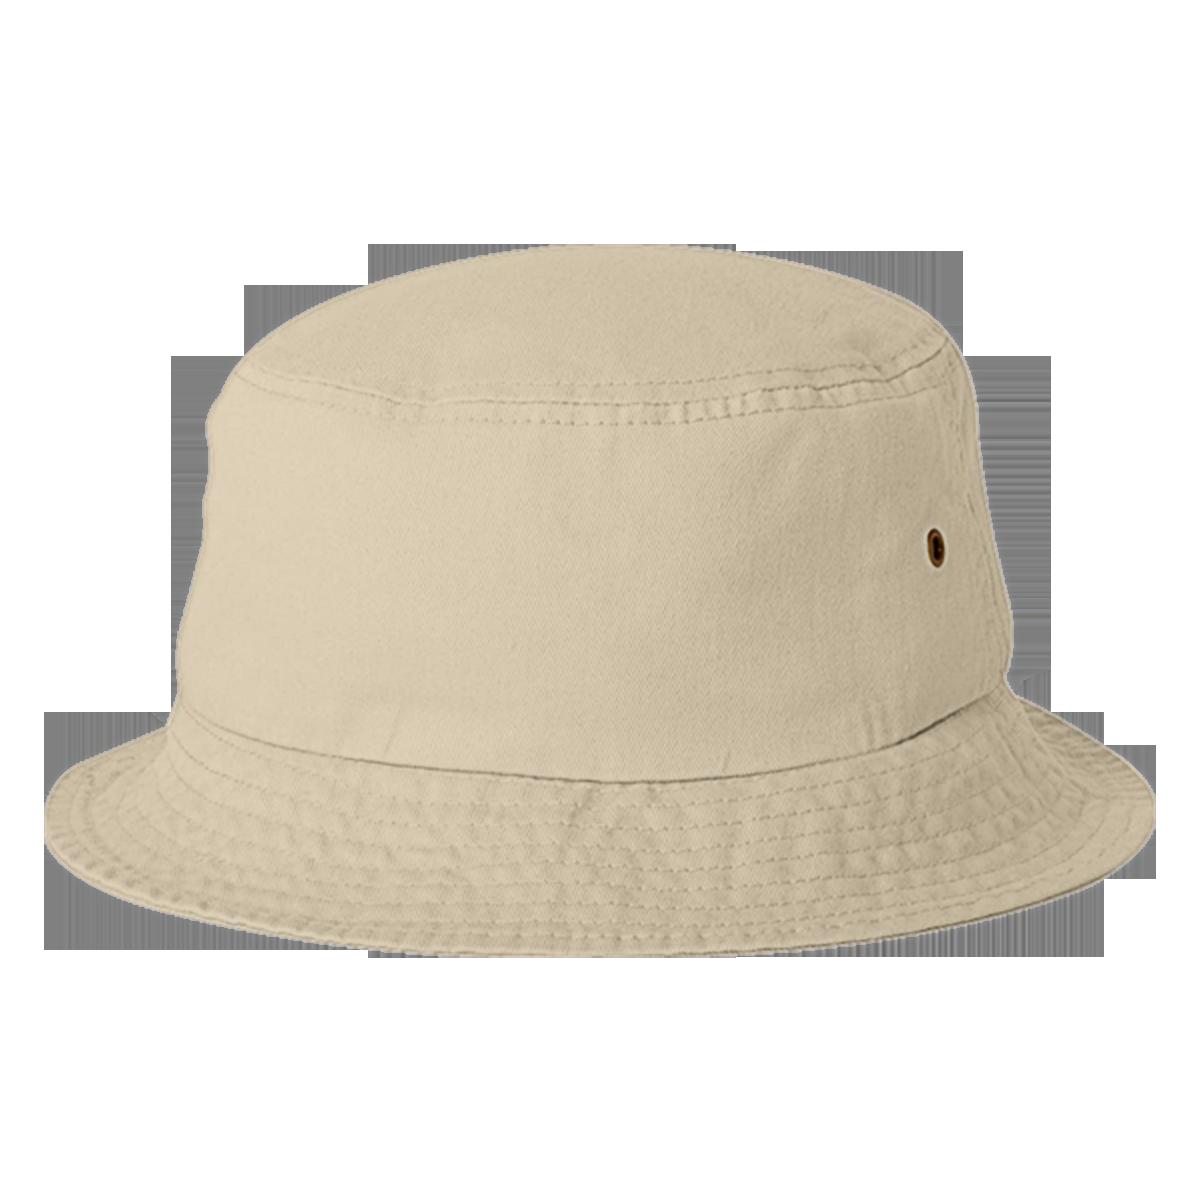 Design Your Custom Bucket Hats | Hatsline - Embroidery back